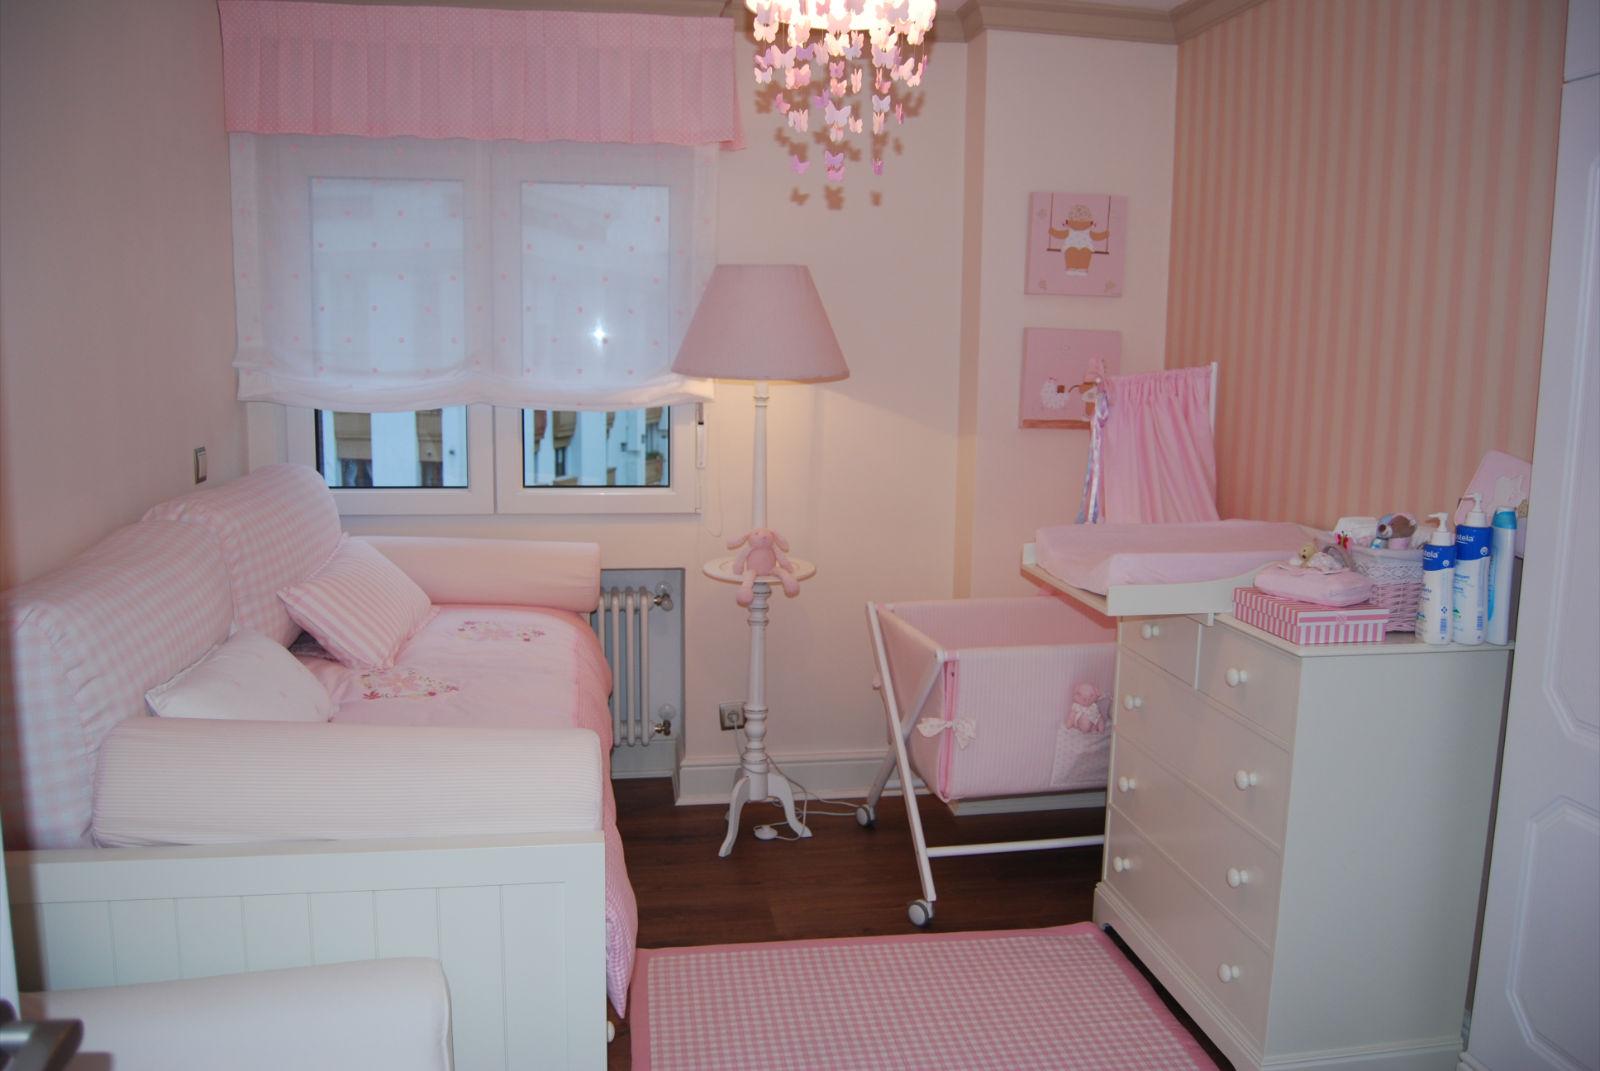 Cortinas juveniles modernas tiendas madrid tipo puente - Cojines para dormitorios juveniles ...